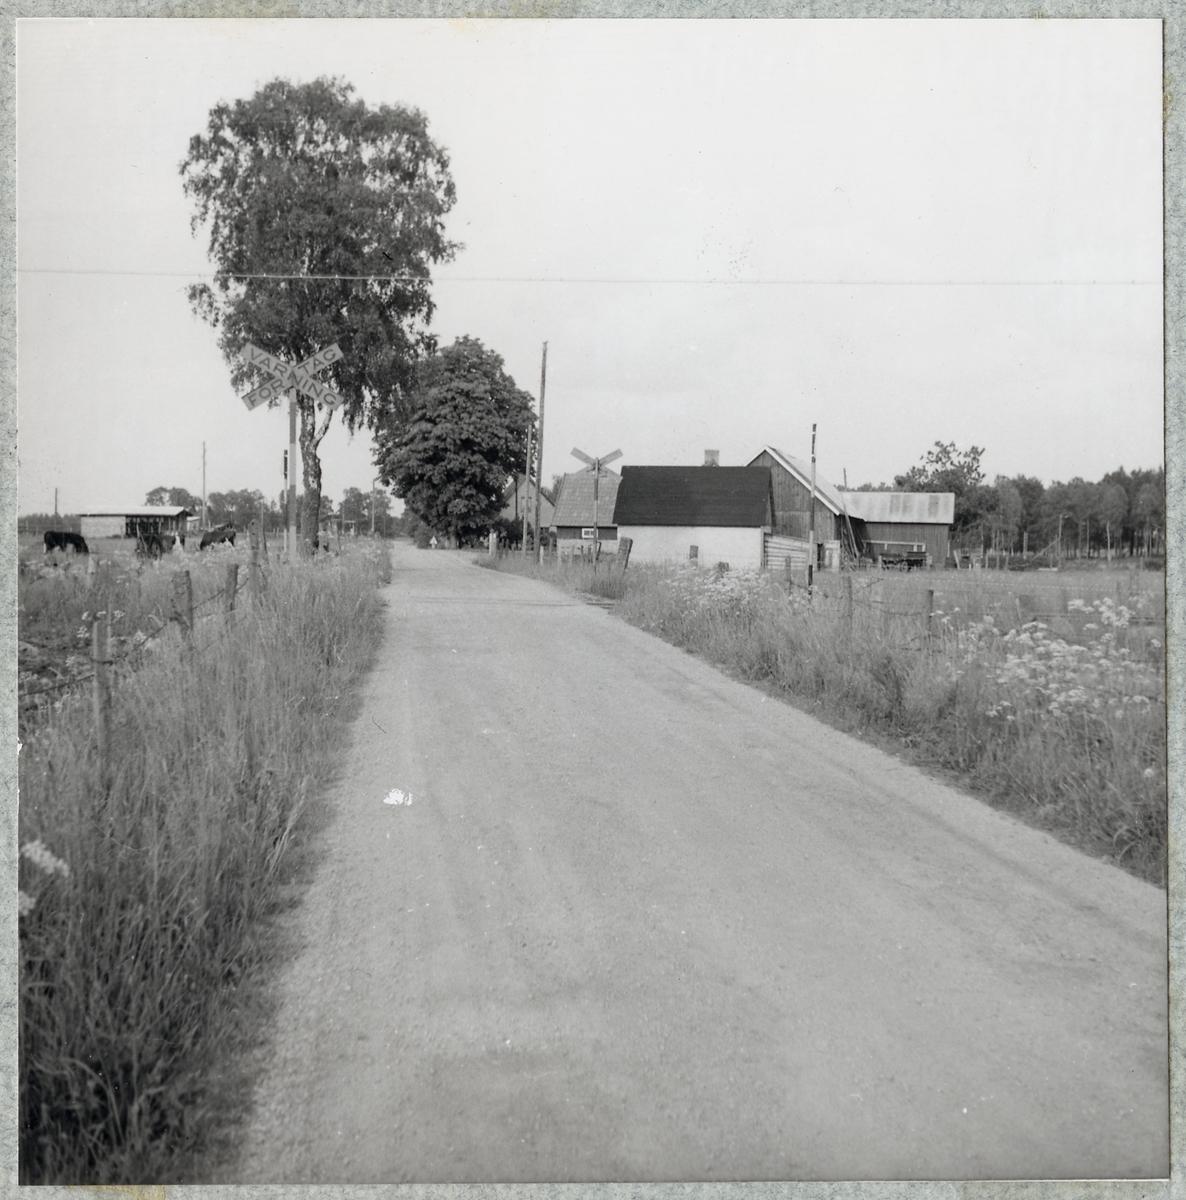 Norrbotten Callpojkar Malmls Fitta Enskede-rsta-Vantr